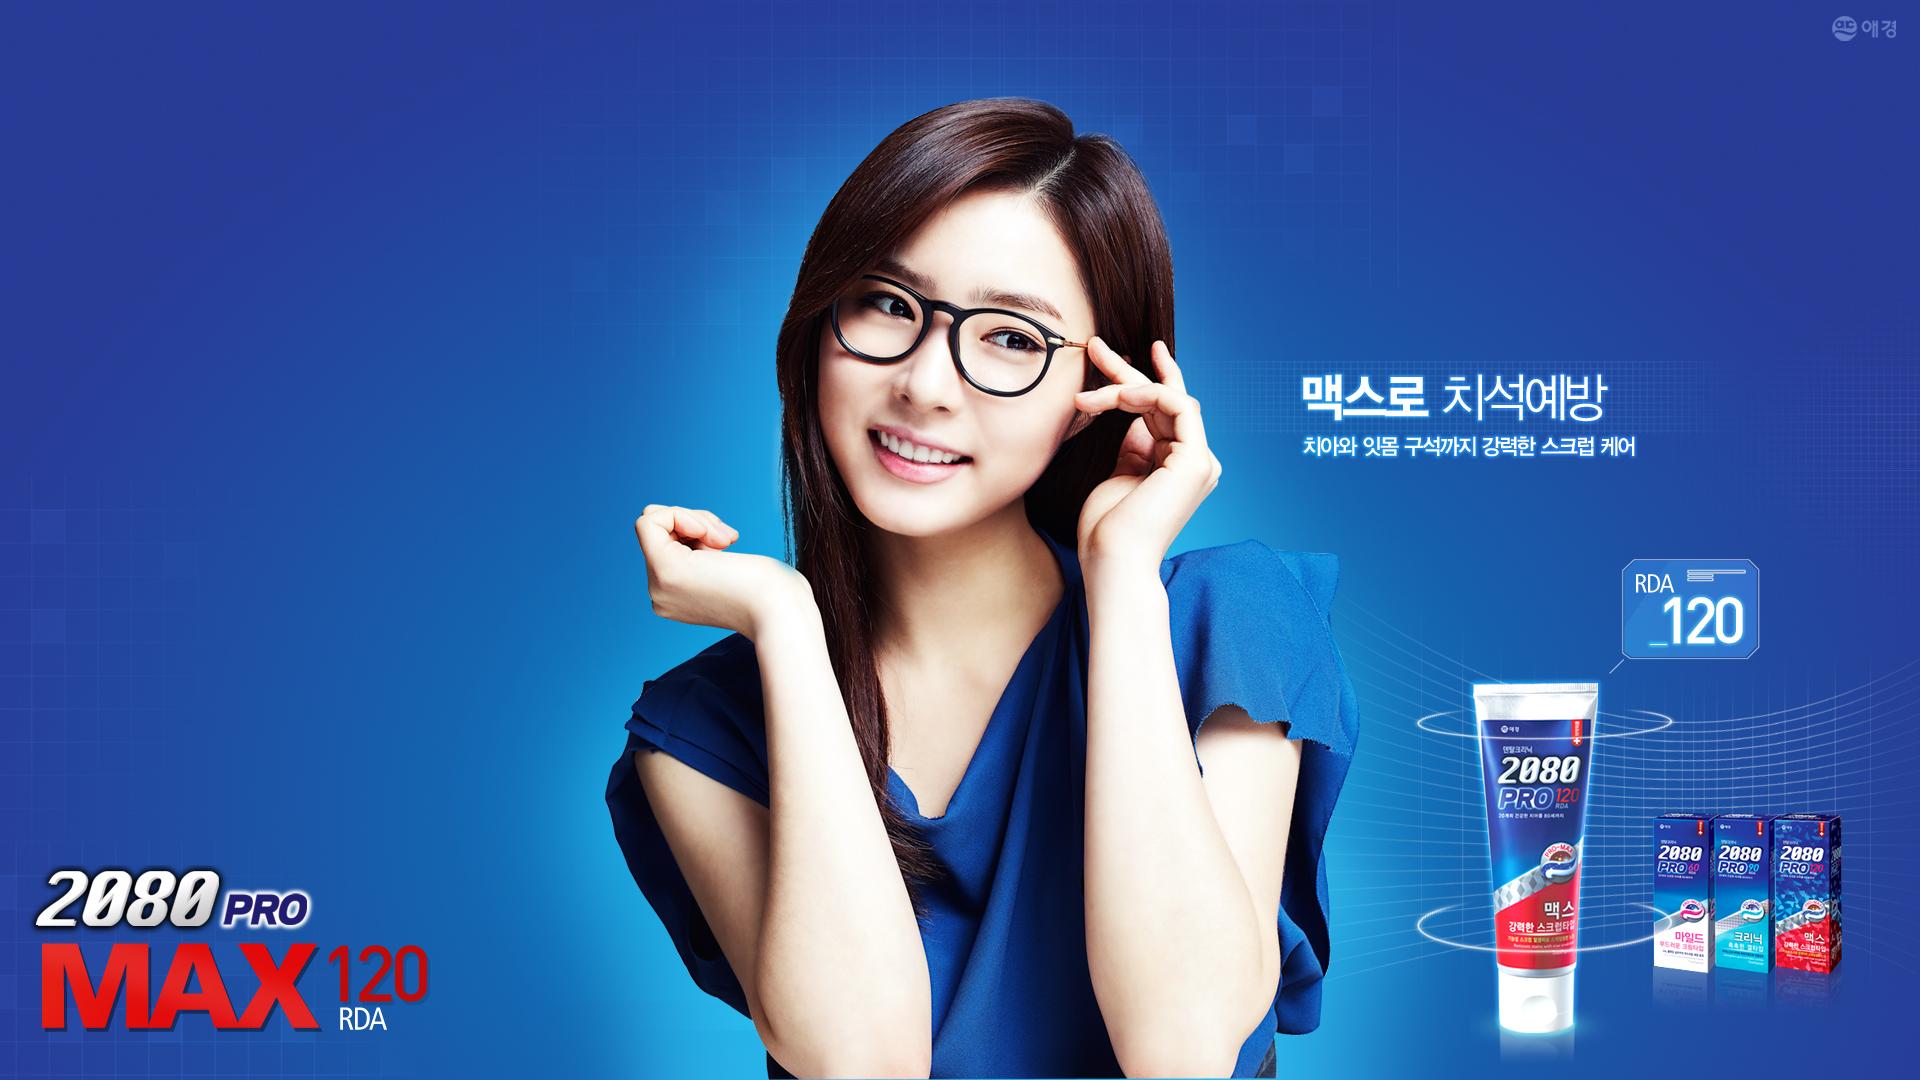 Aekyung 2080 - Shin Se Kyung Wallpaper (32967307) - Fanpop fanclubs